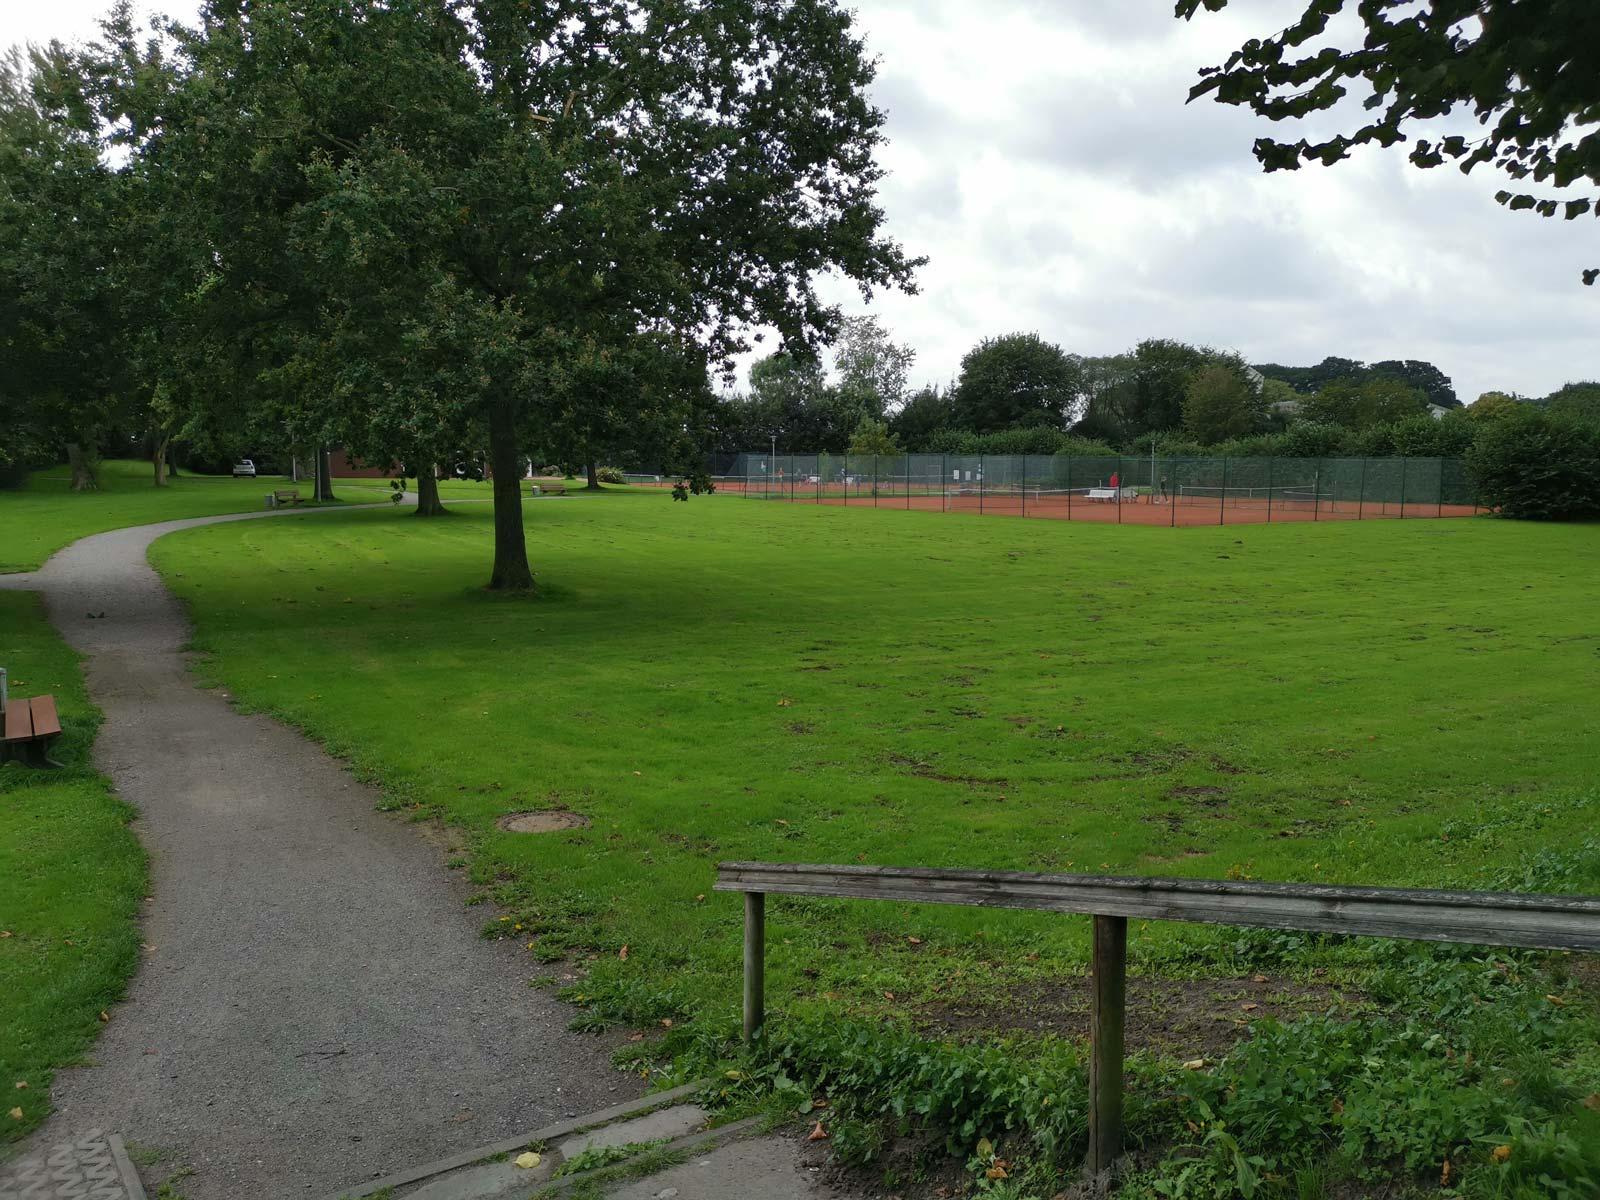 Tennisplatz beim Stadtpark Otterndorf